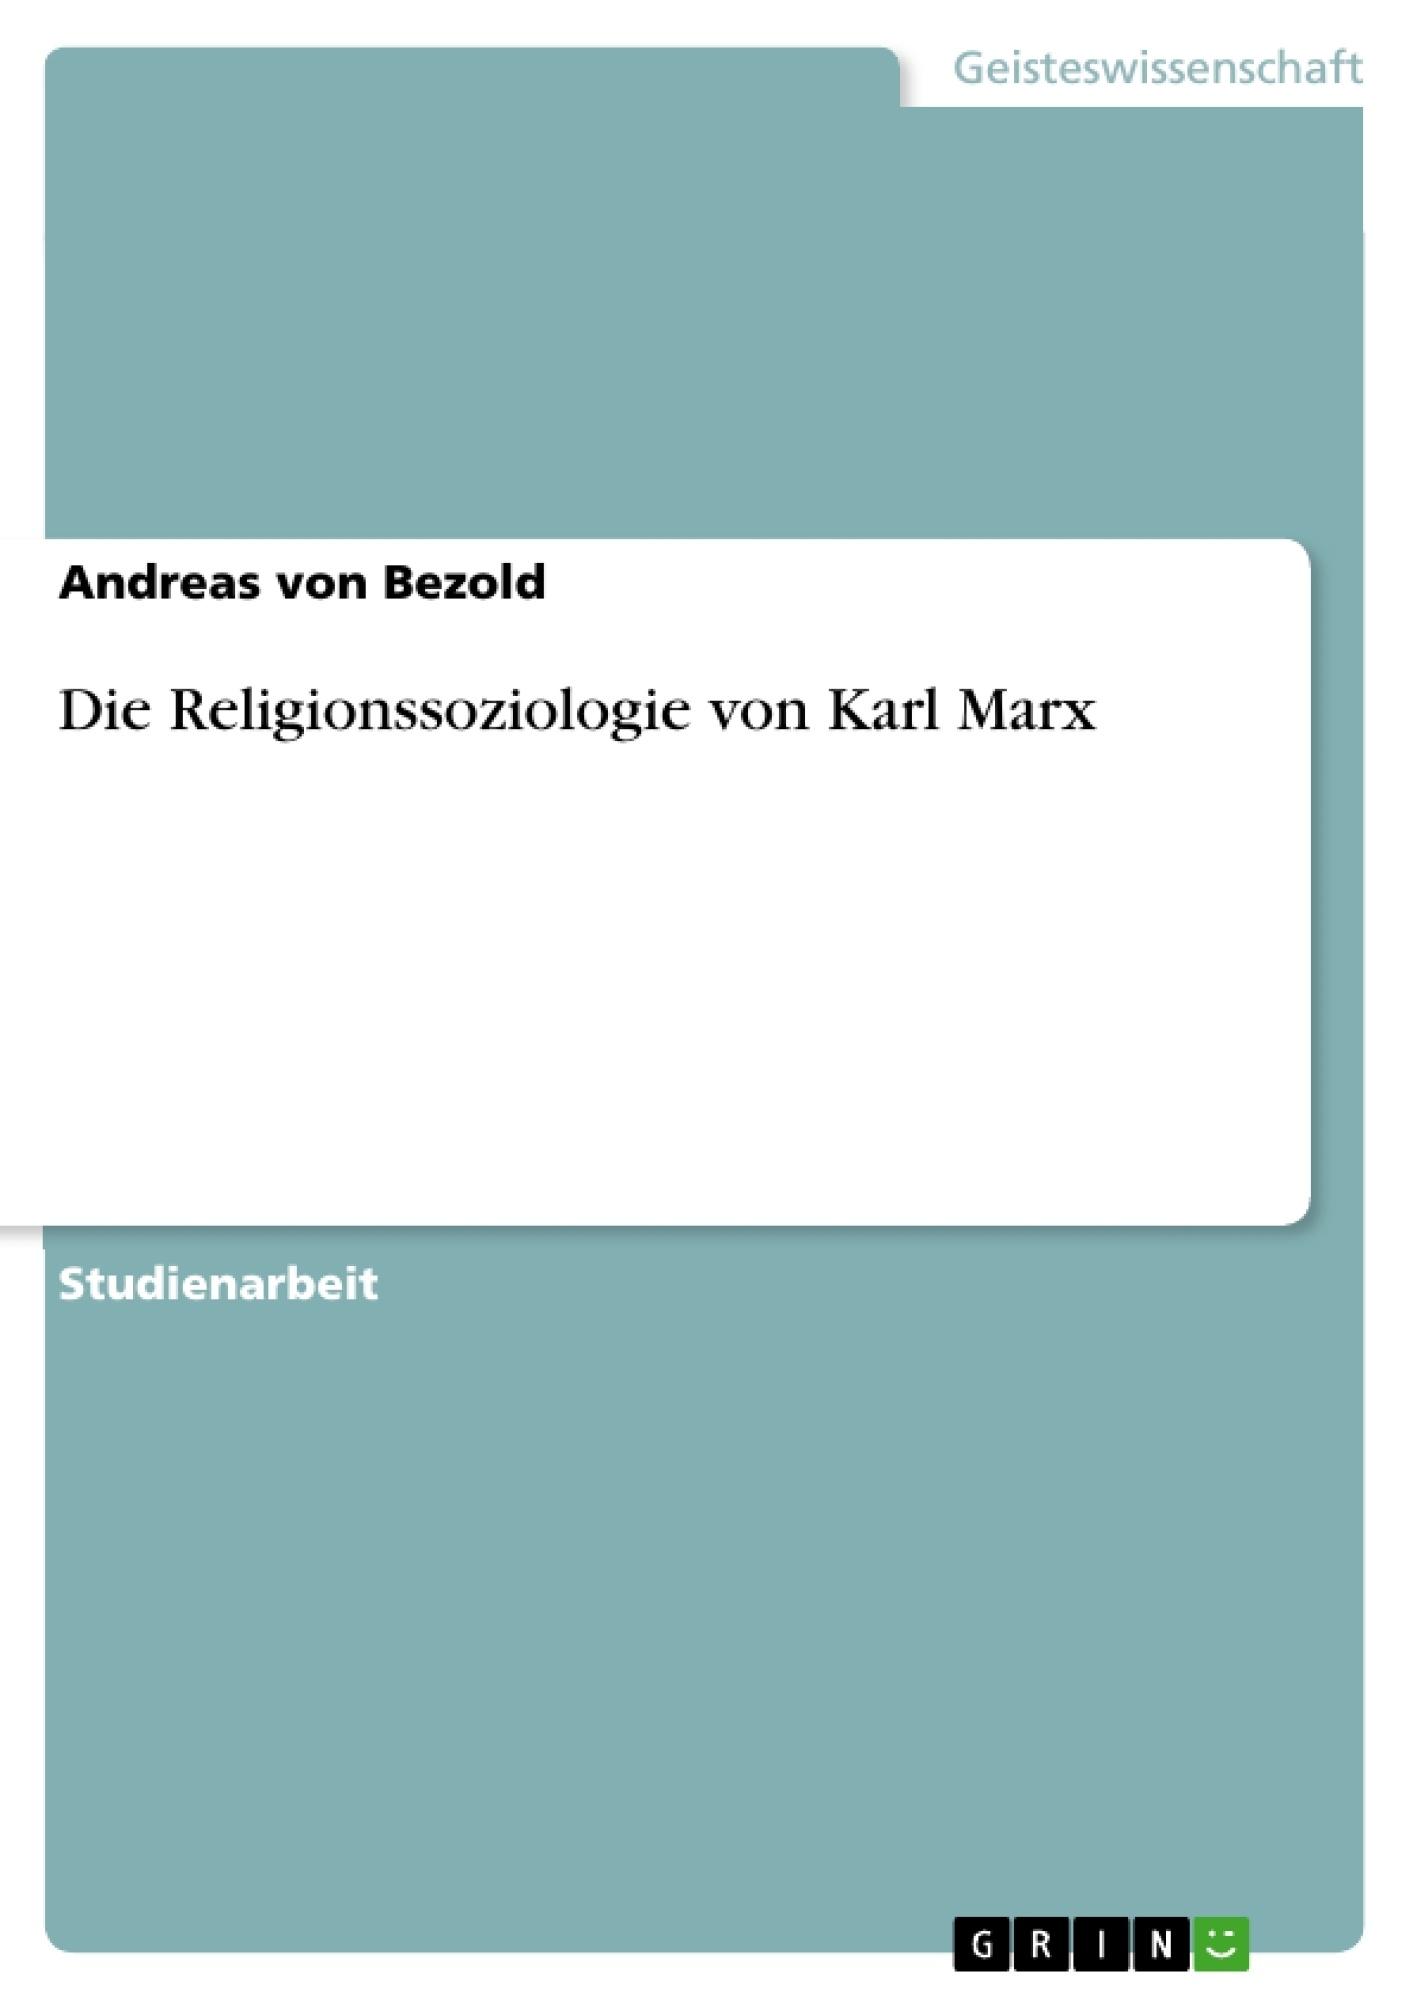 Titel: Die Religionssoziologie von Karl Marx